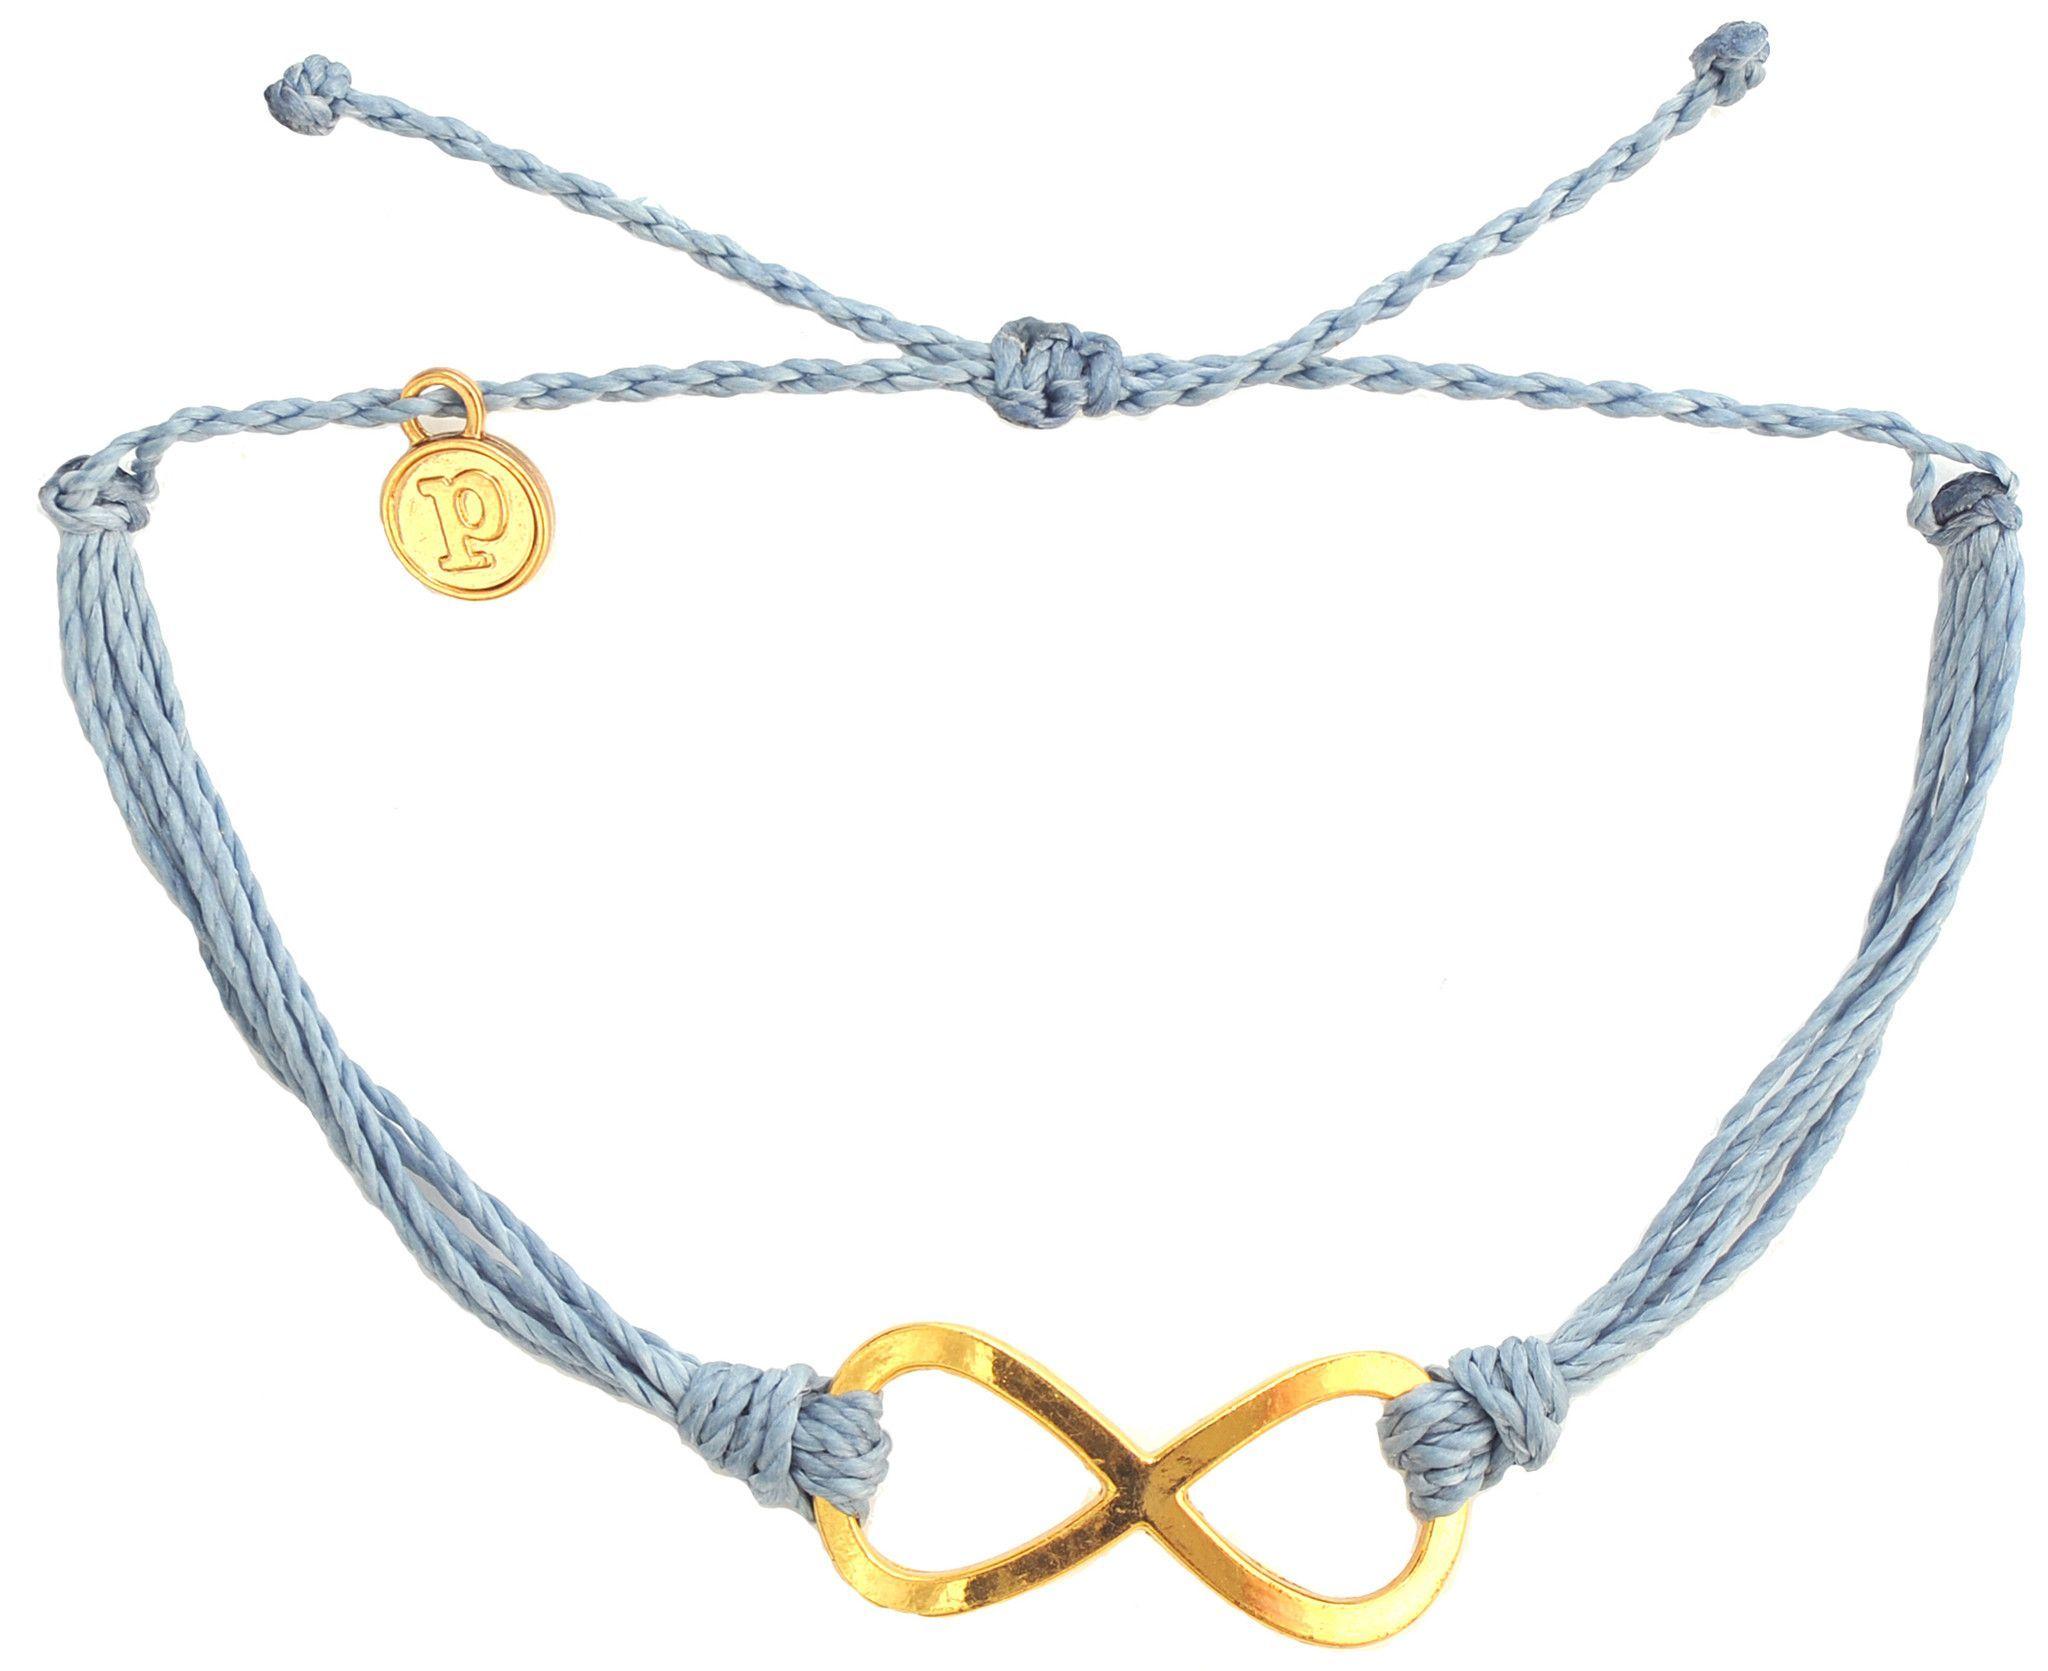 Charm Bracelet - Bright Colors Bracelet by VIDA VIDA vS1kwj